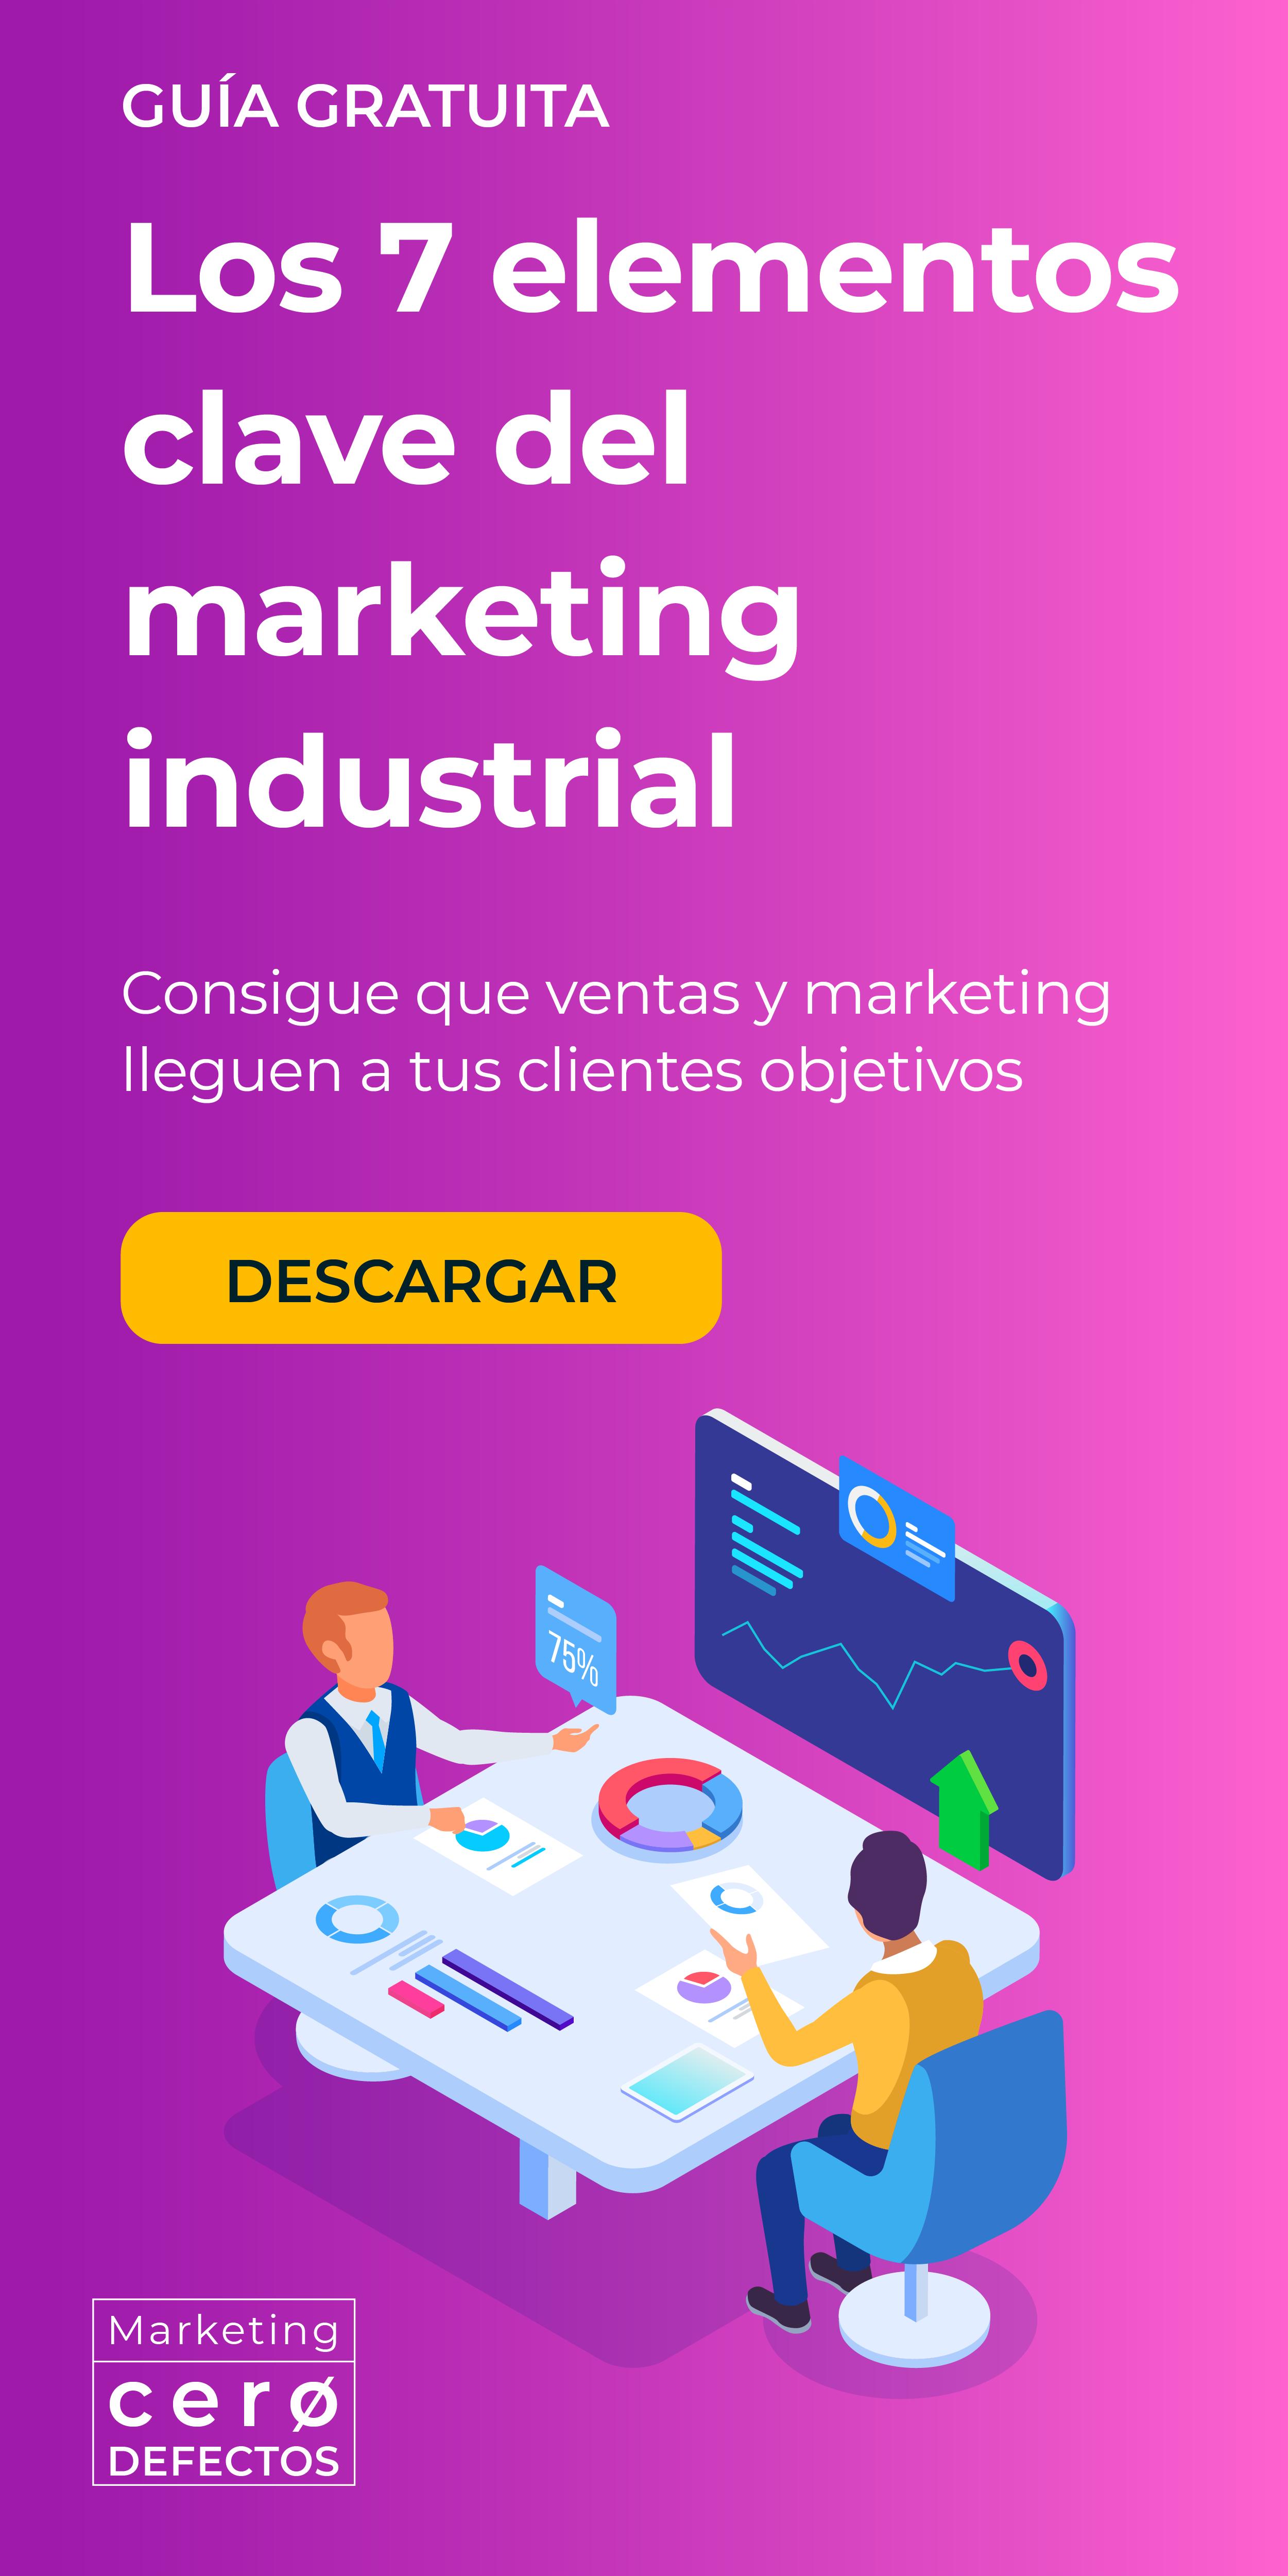 7 claves del marketing industrial